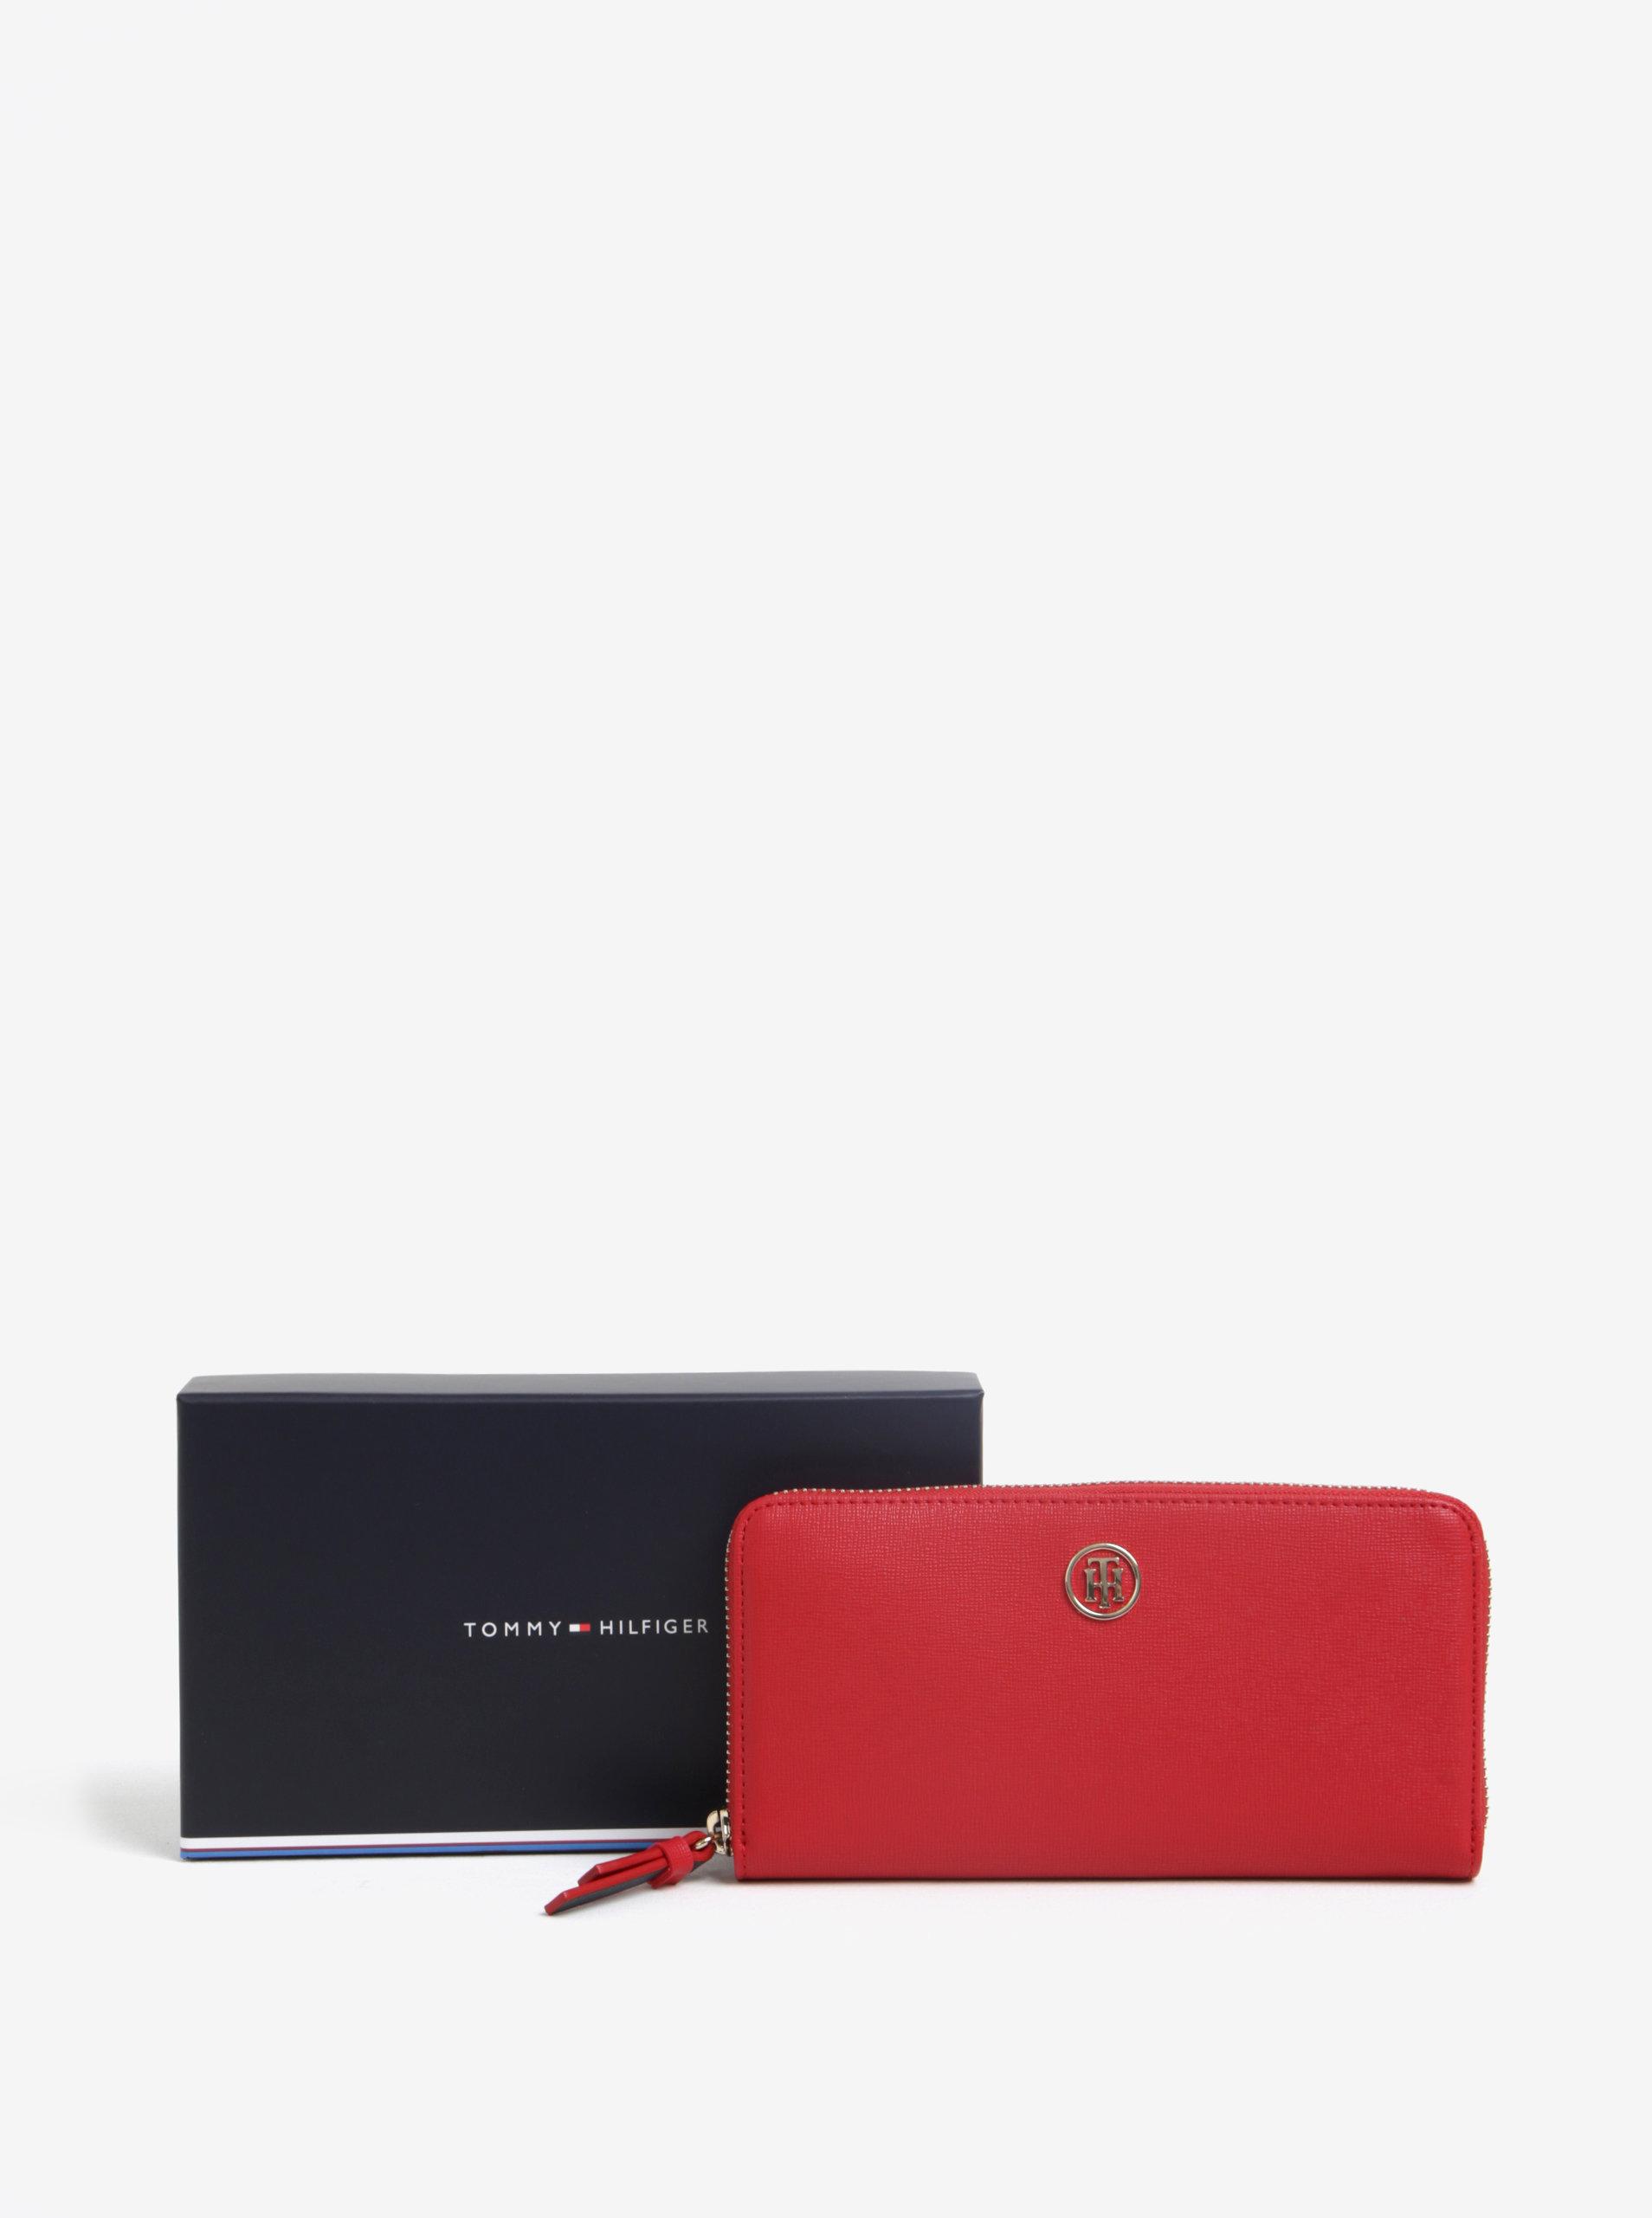 Červená dámská peněženka na zip Tommy Hilfiger ... dacc18b940